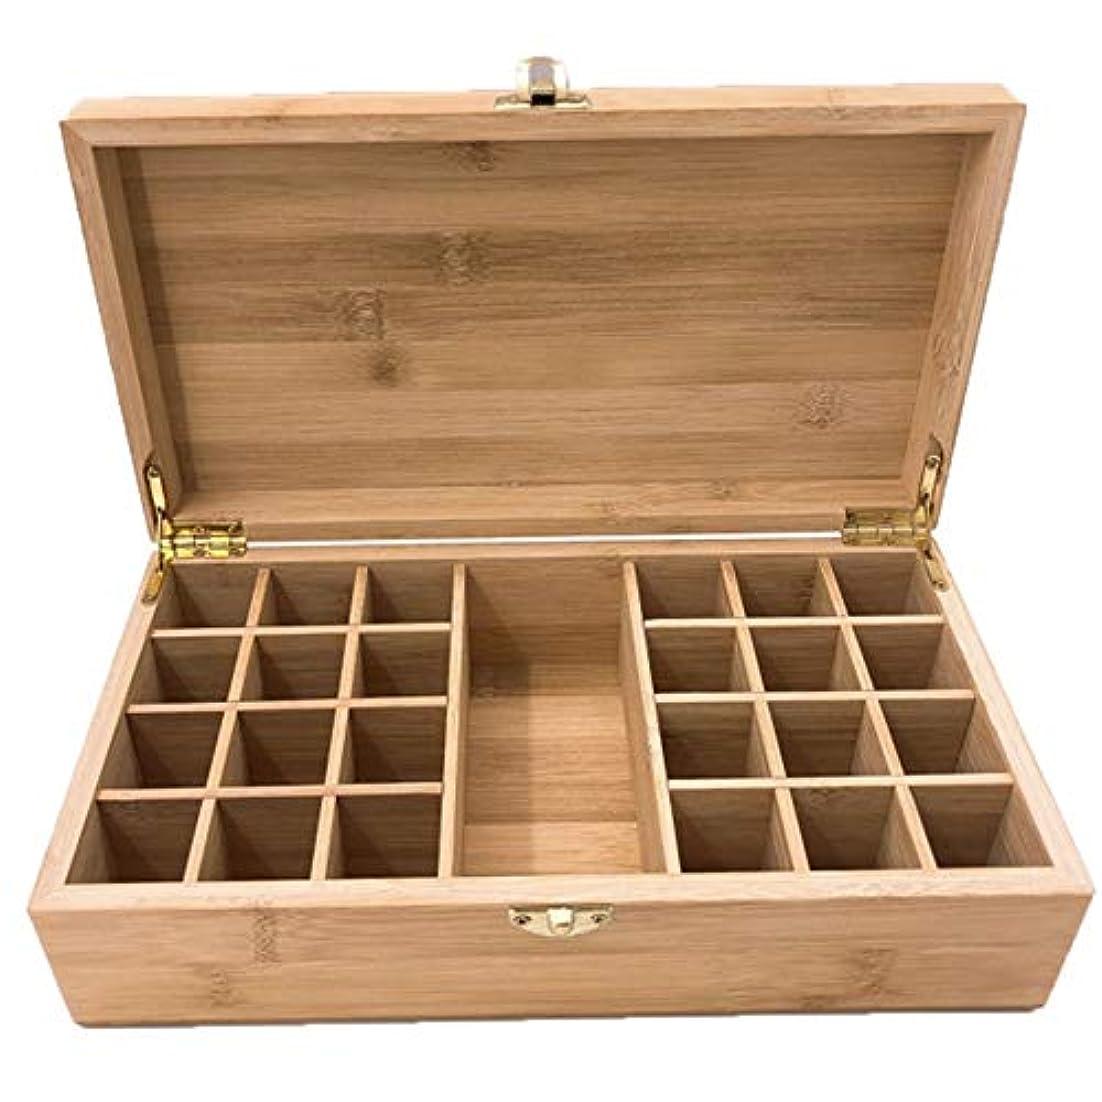 職業ちっちゃいコンサルタントエッセンシャルオイルの保管 エッセンシャルオイルストレージボックスケース木製??の主催者は25本のキャリングセーフボトルやホームストレージの表示を保持します (色 : Natural, サイズ : 27.5X15X8.3CM)